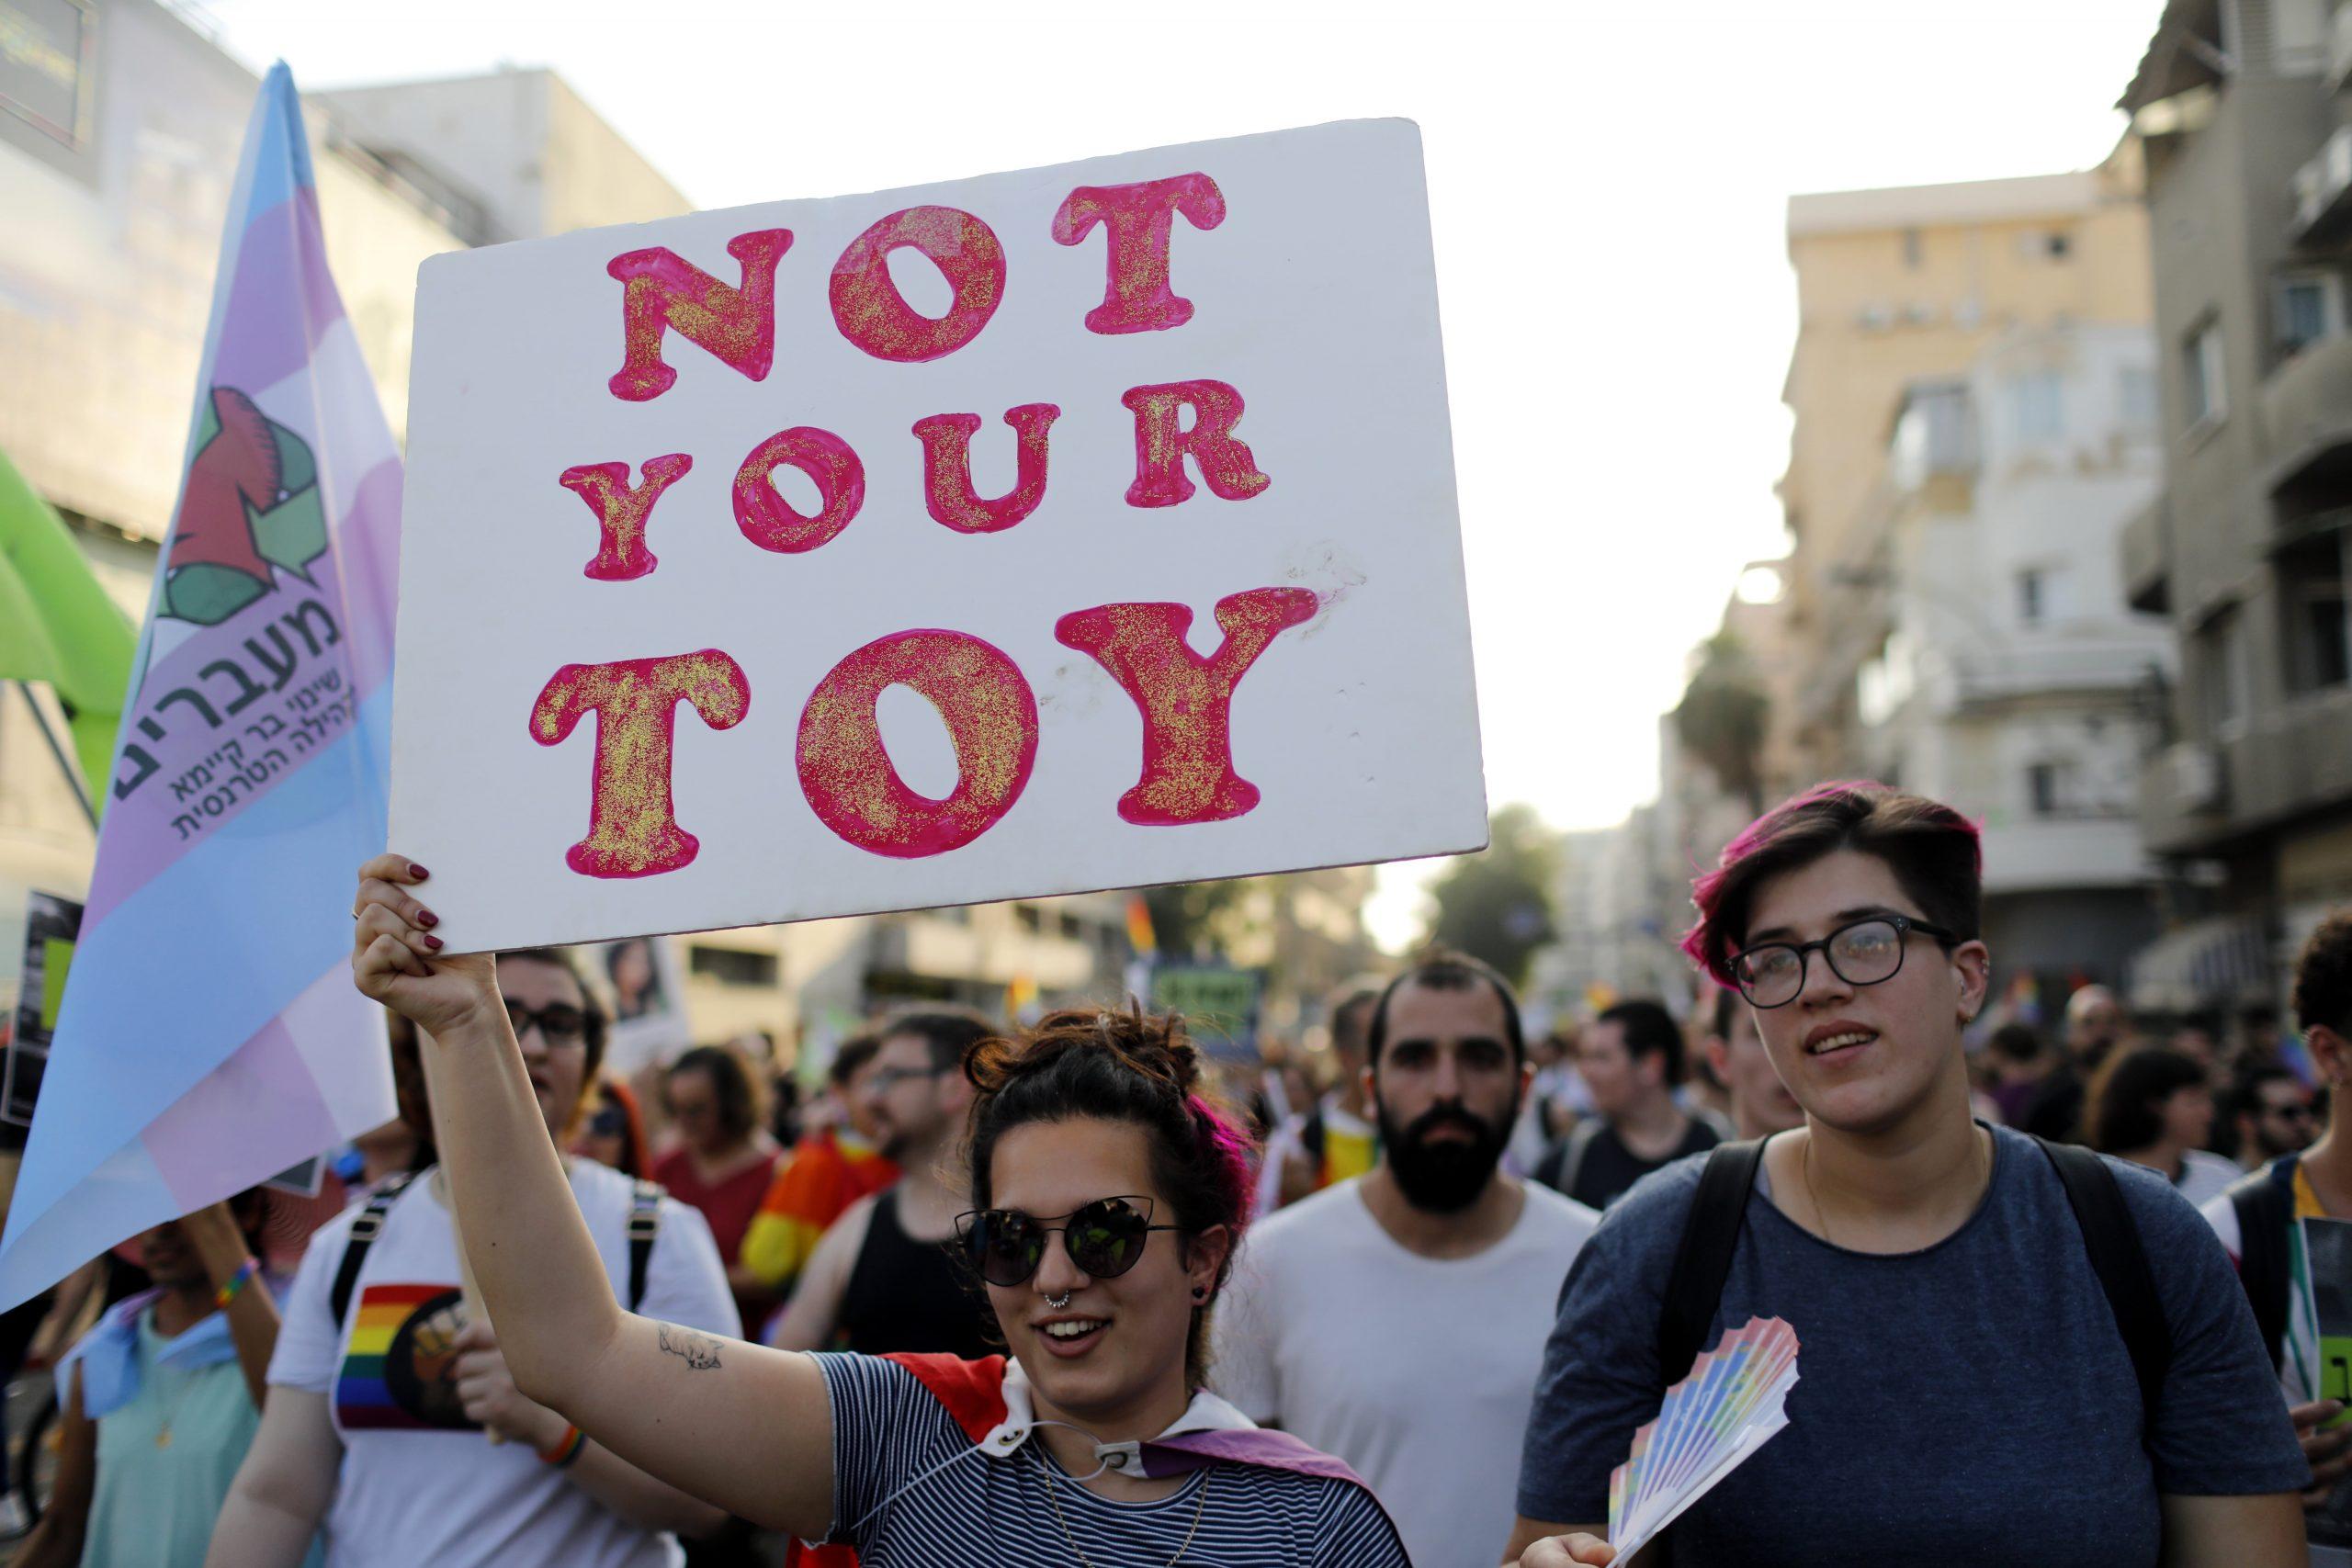 Izrael: Protest zbog odbacivanja LGBT zakona 1